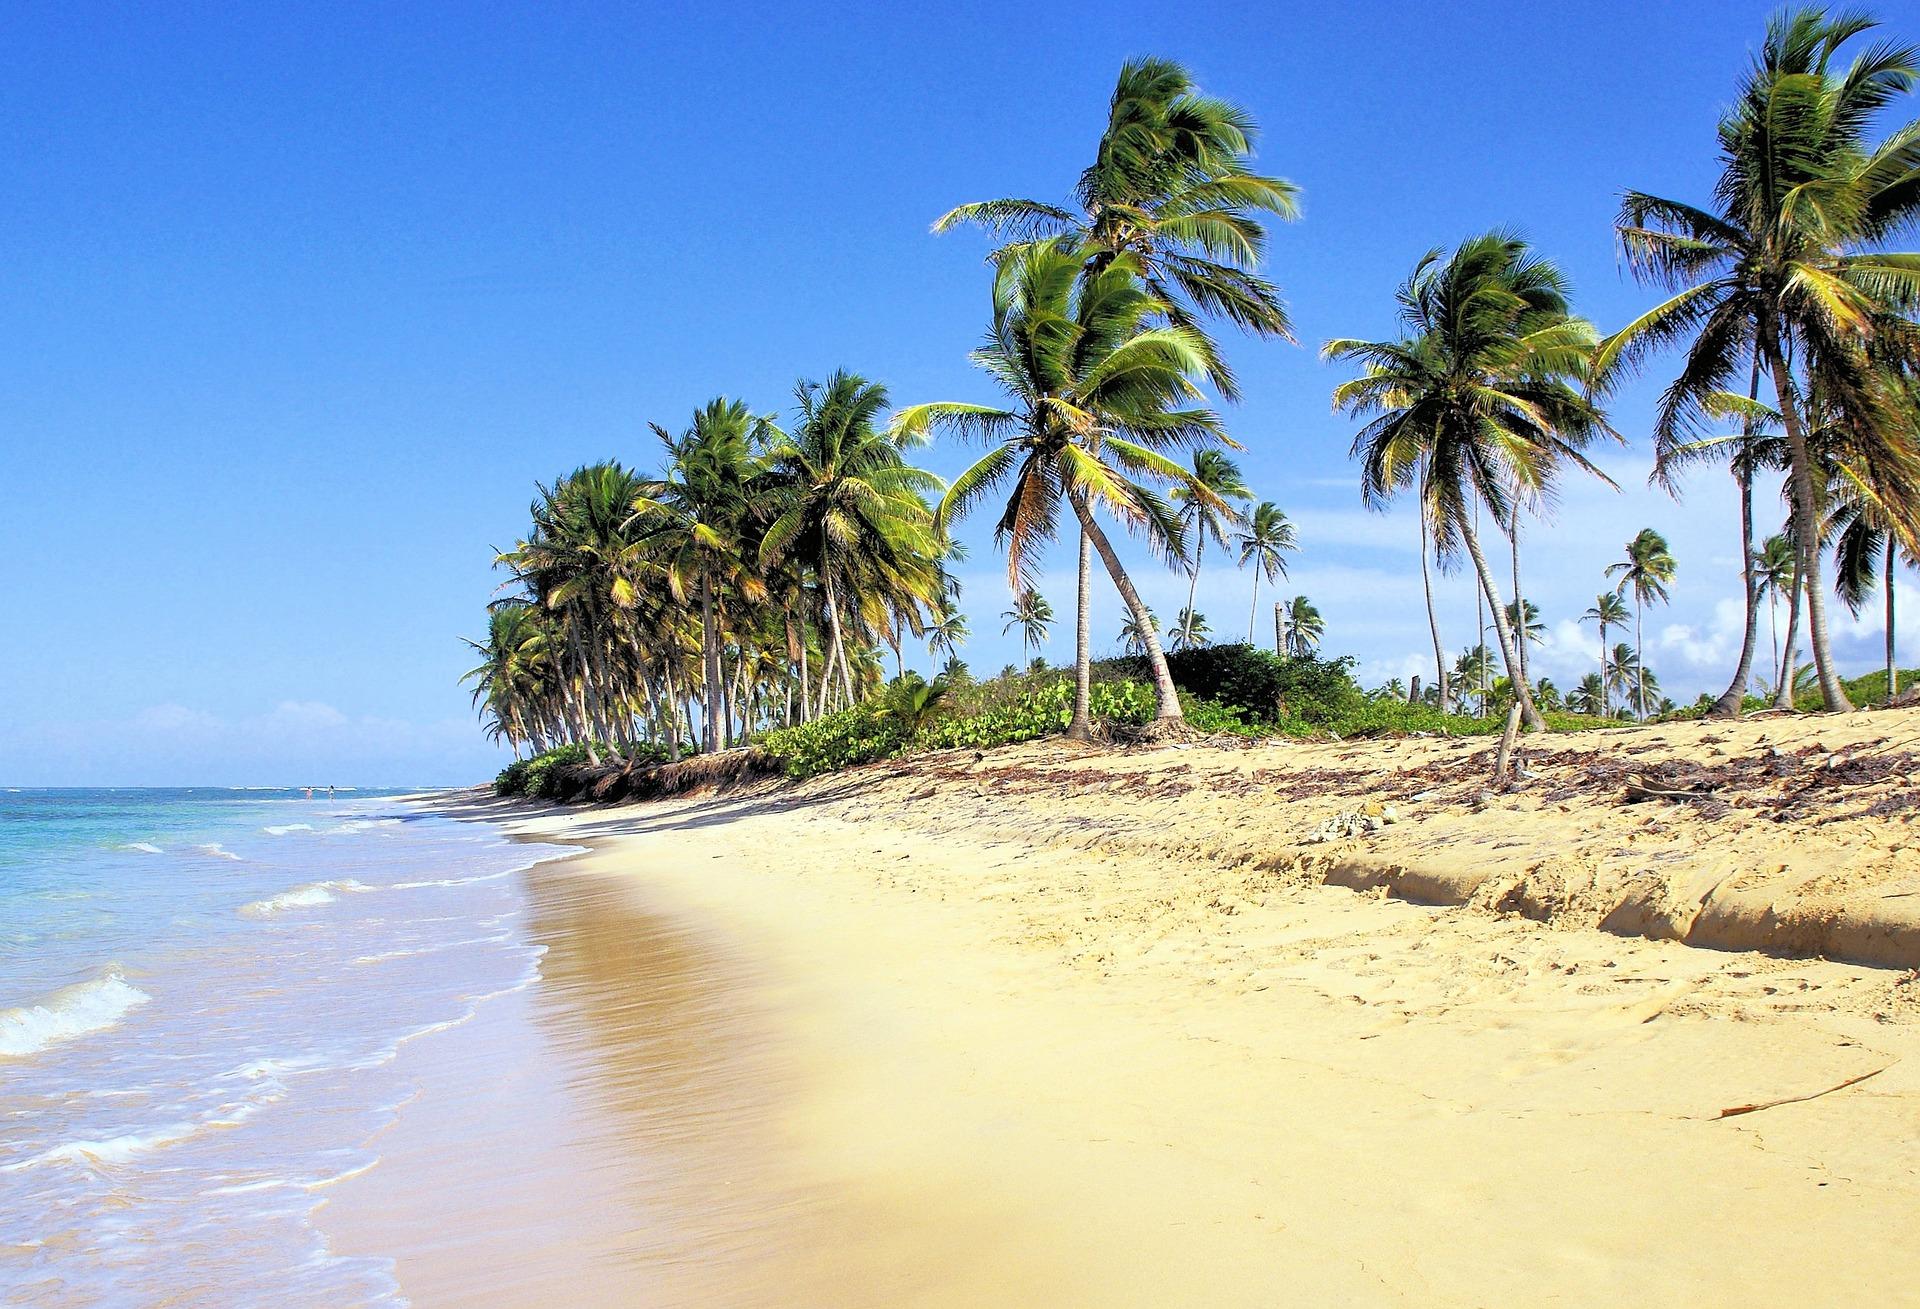 Carnet de voyage en République Dominicaine